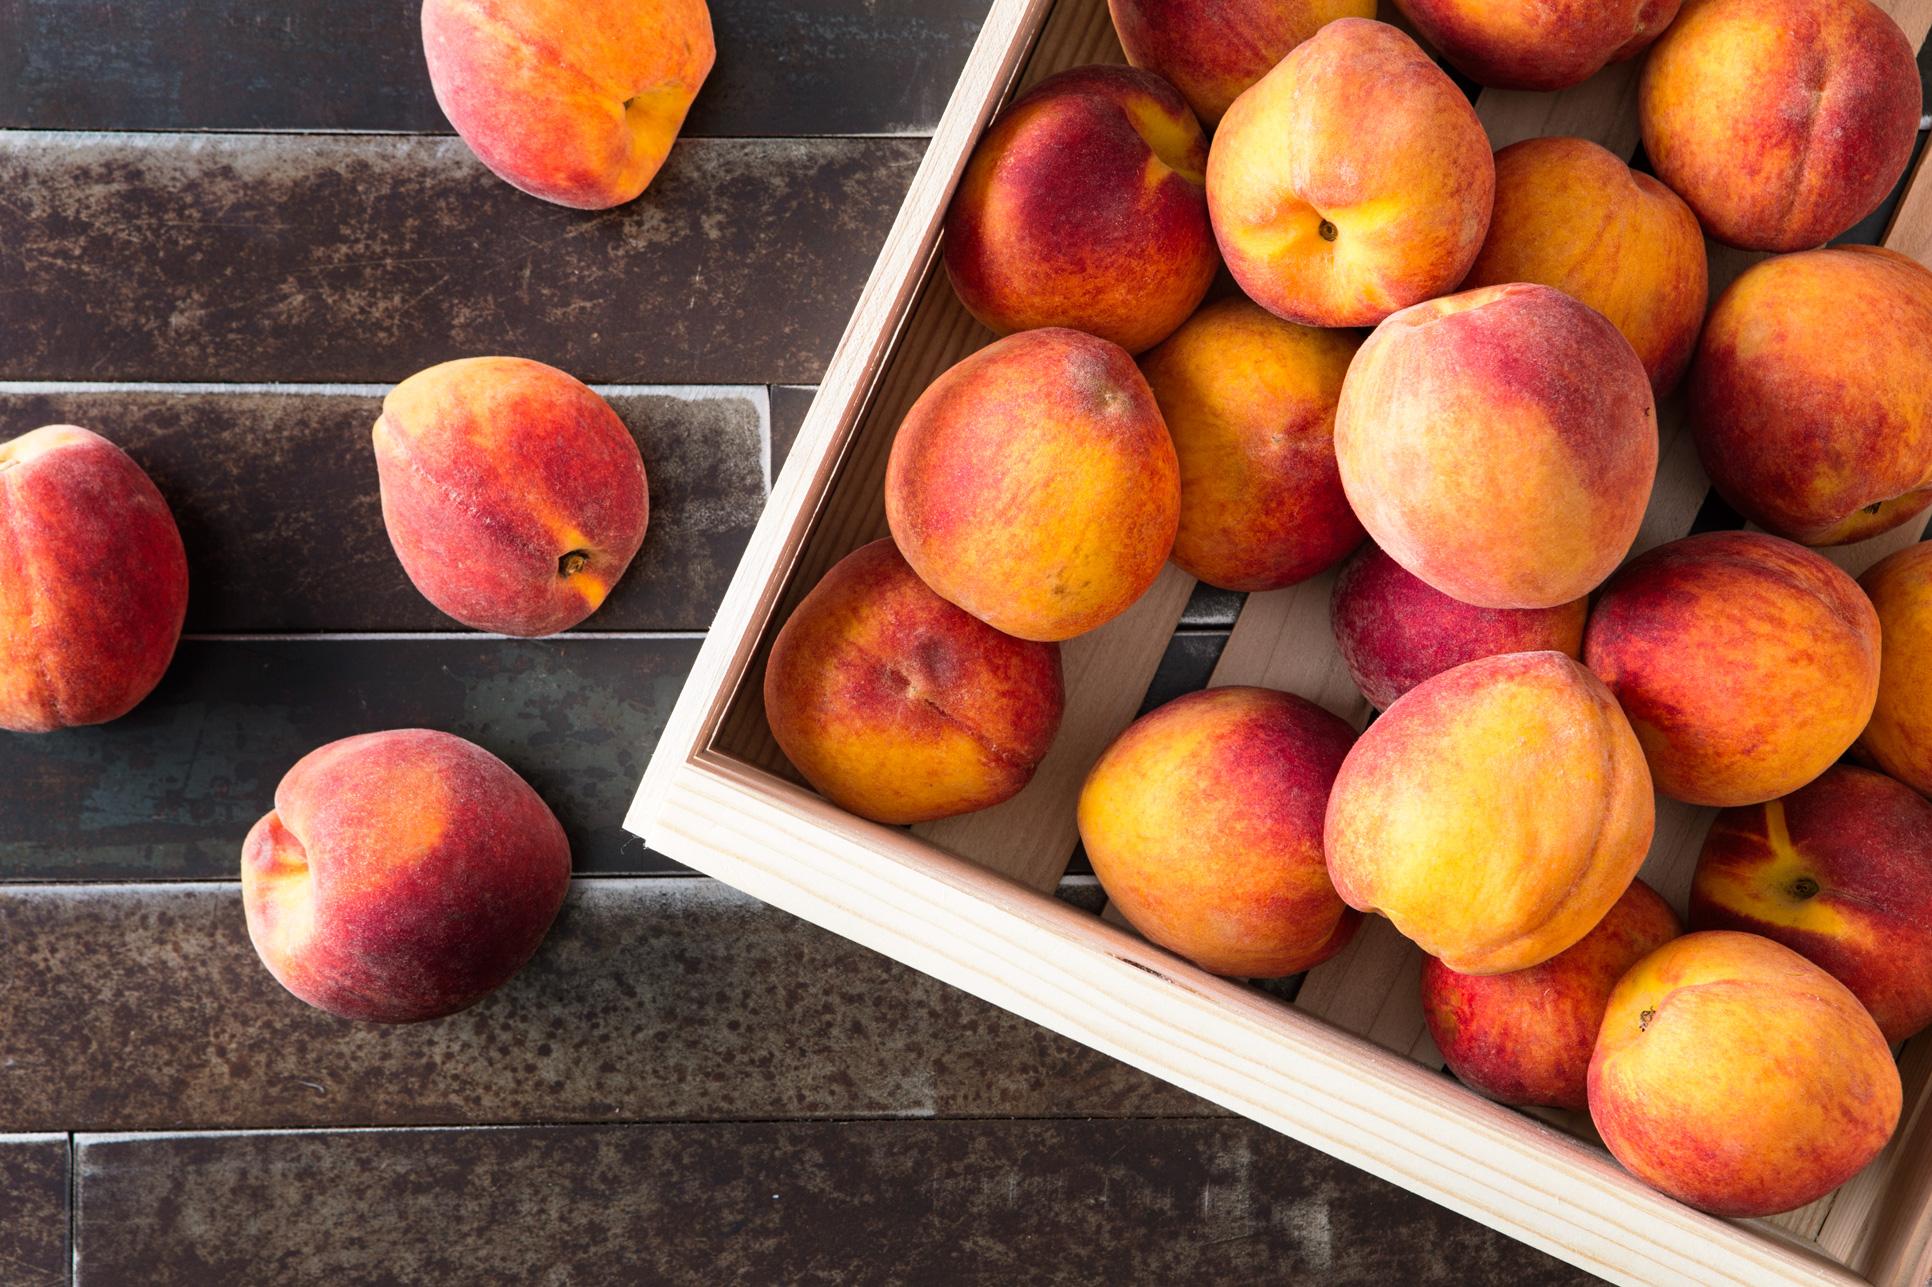 EP_07222015_peaches_hero_6x4 2.jpg